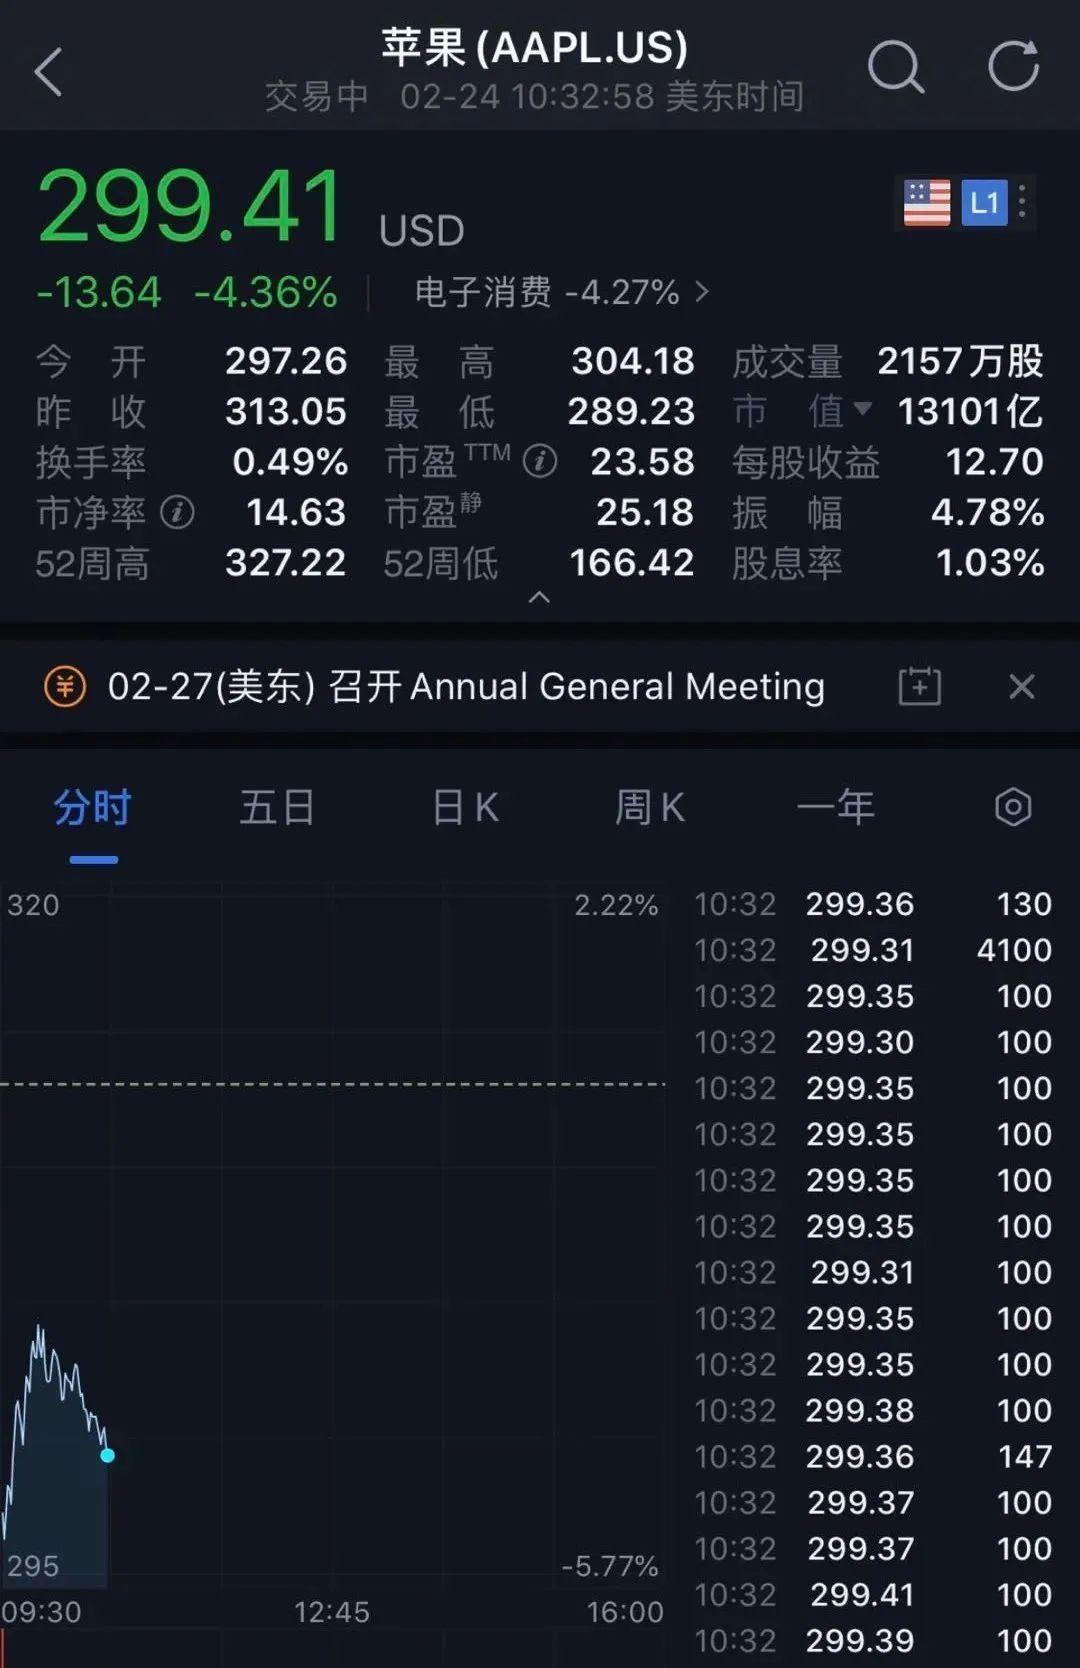 全球市场不眠夜!美股暴跌!道指跌超1000点,欧美股市集体大跌!恐慌指数飙升,A股怎么走?